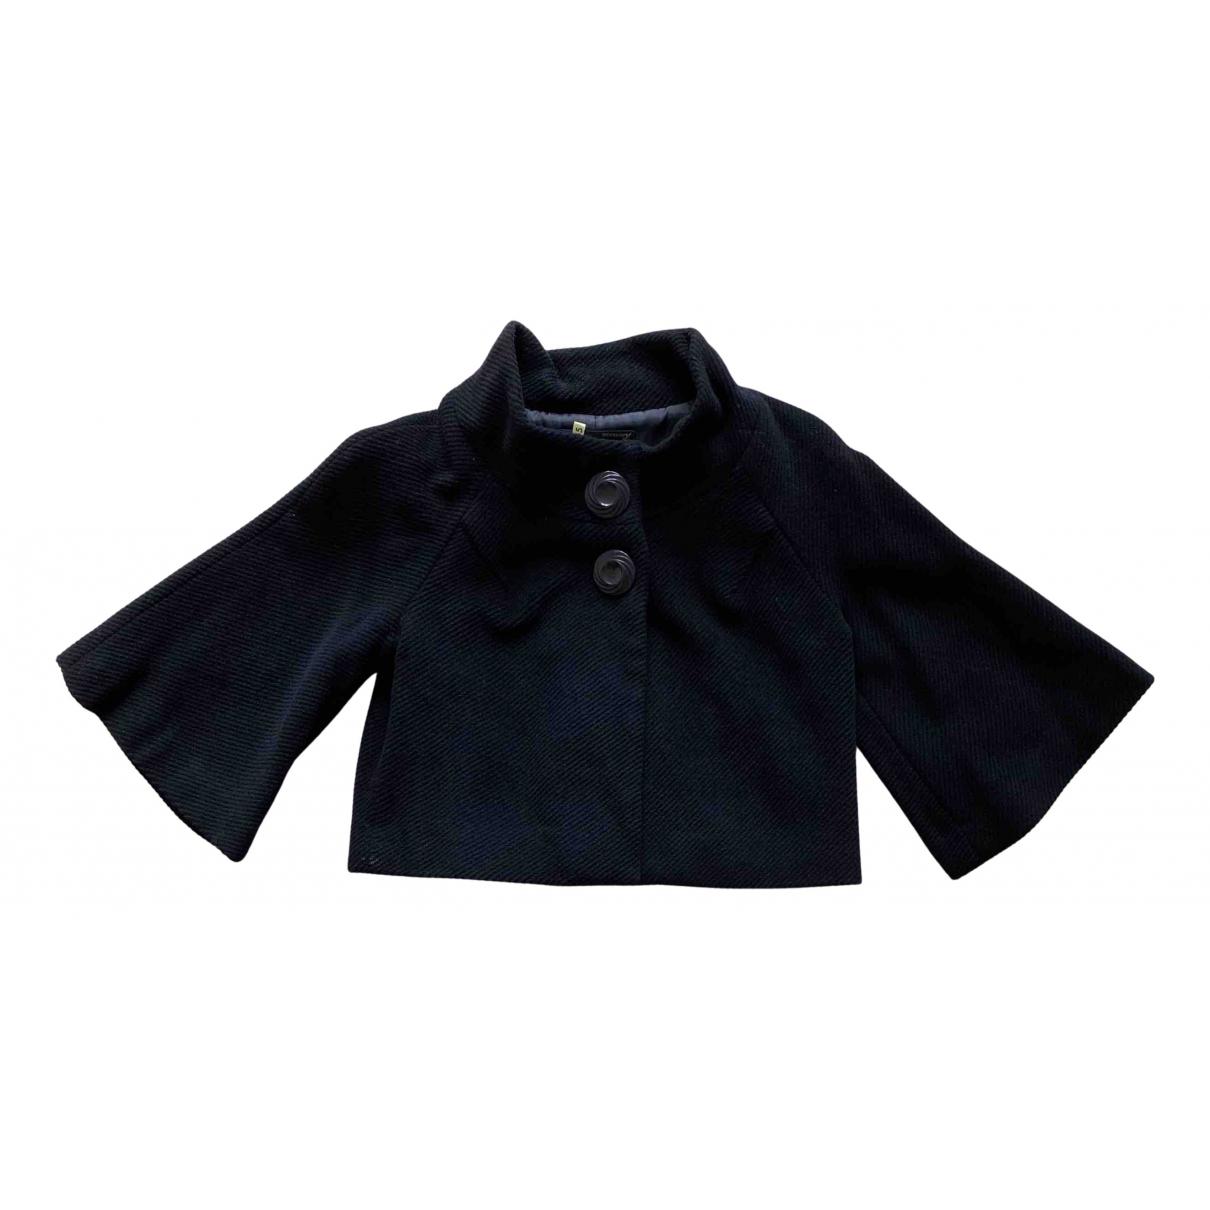 Moussy - Veste   pour femme en laine - noir